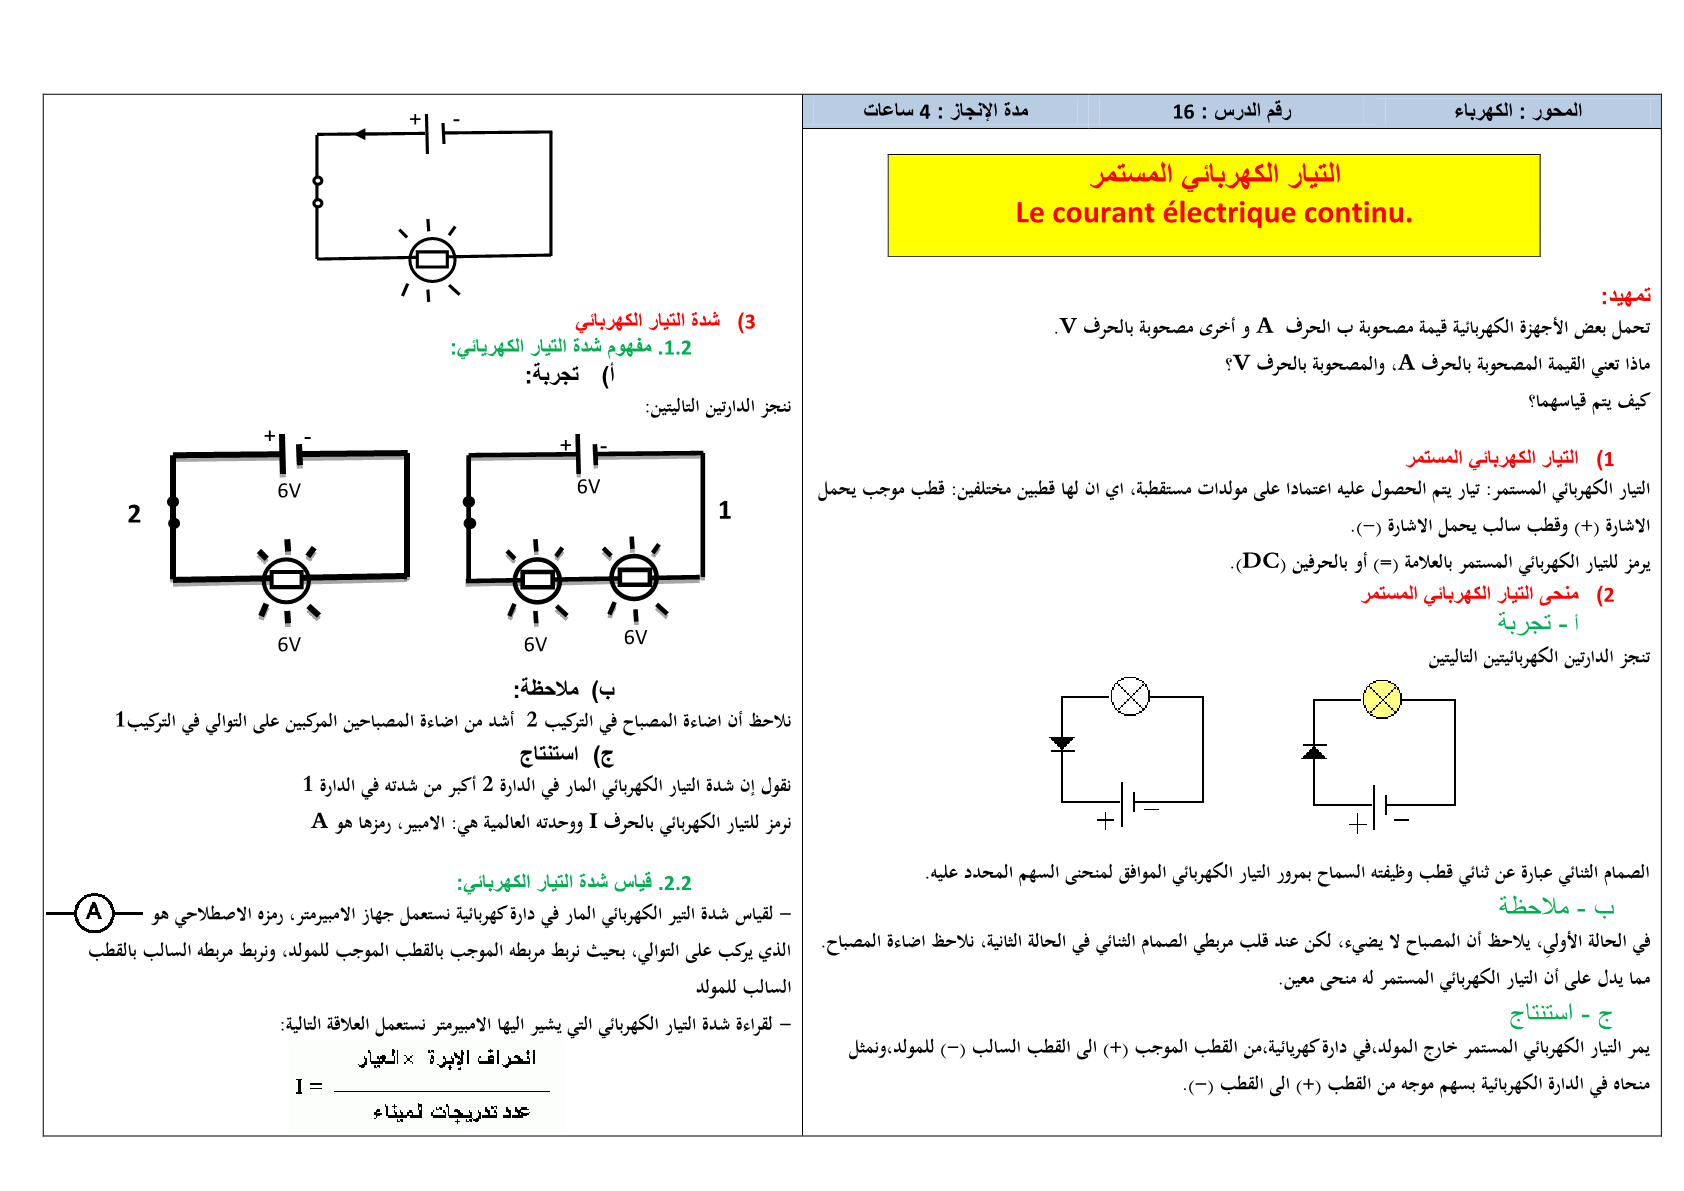 درس التيار الكهربائي المستمر مادة الفبزياء والكيمياء للسنة الأولى إعدادي